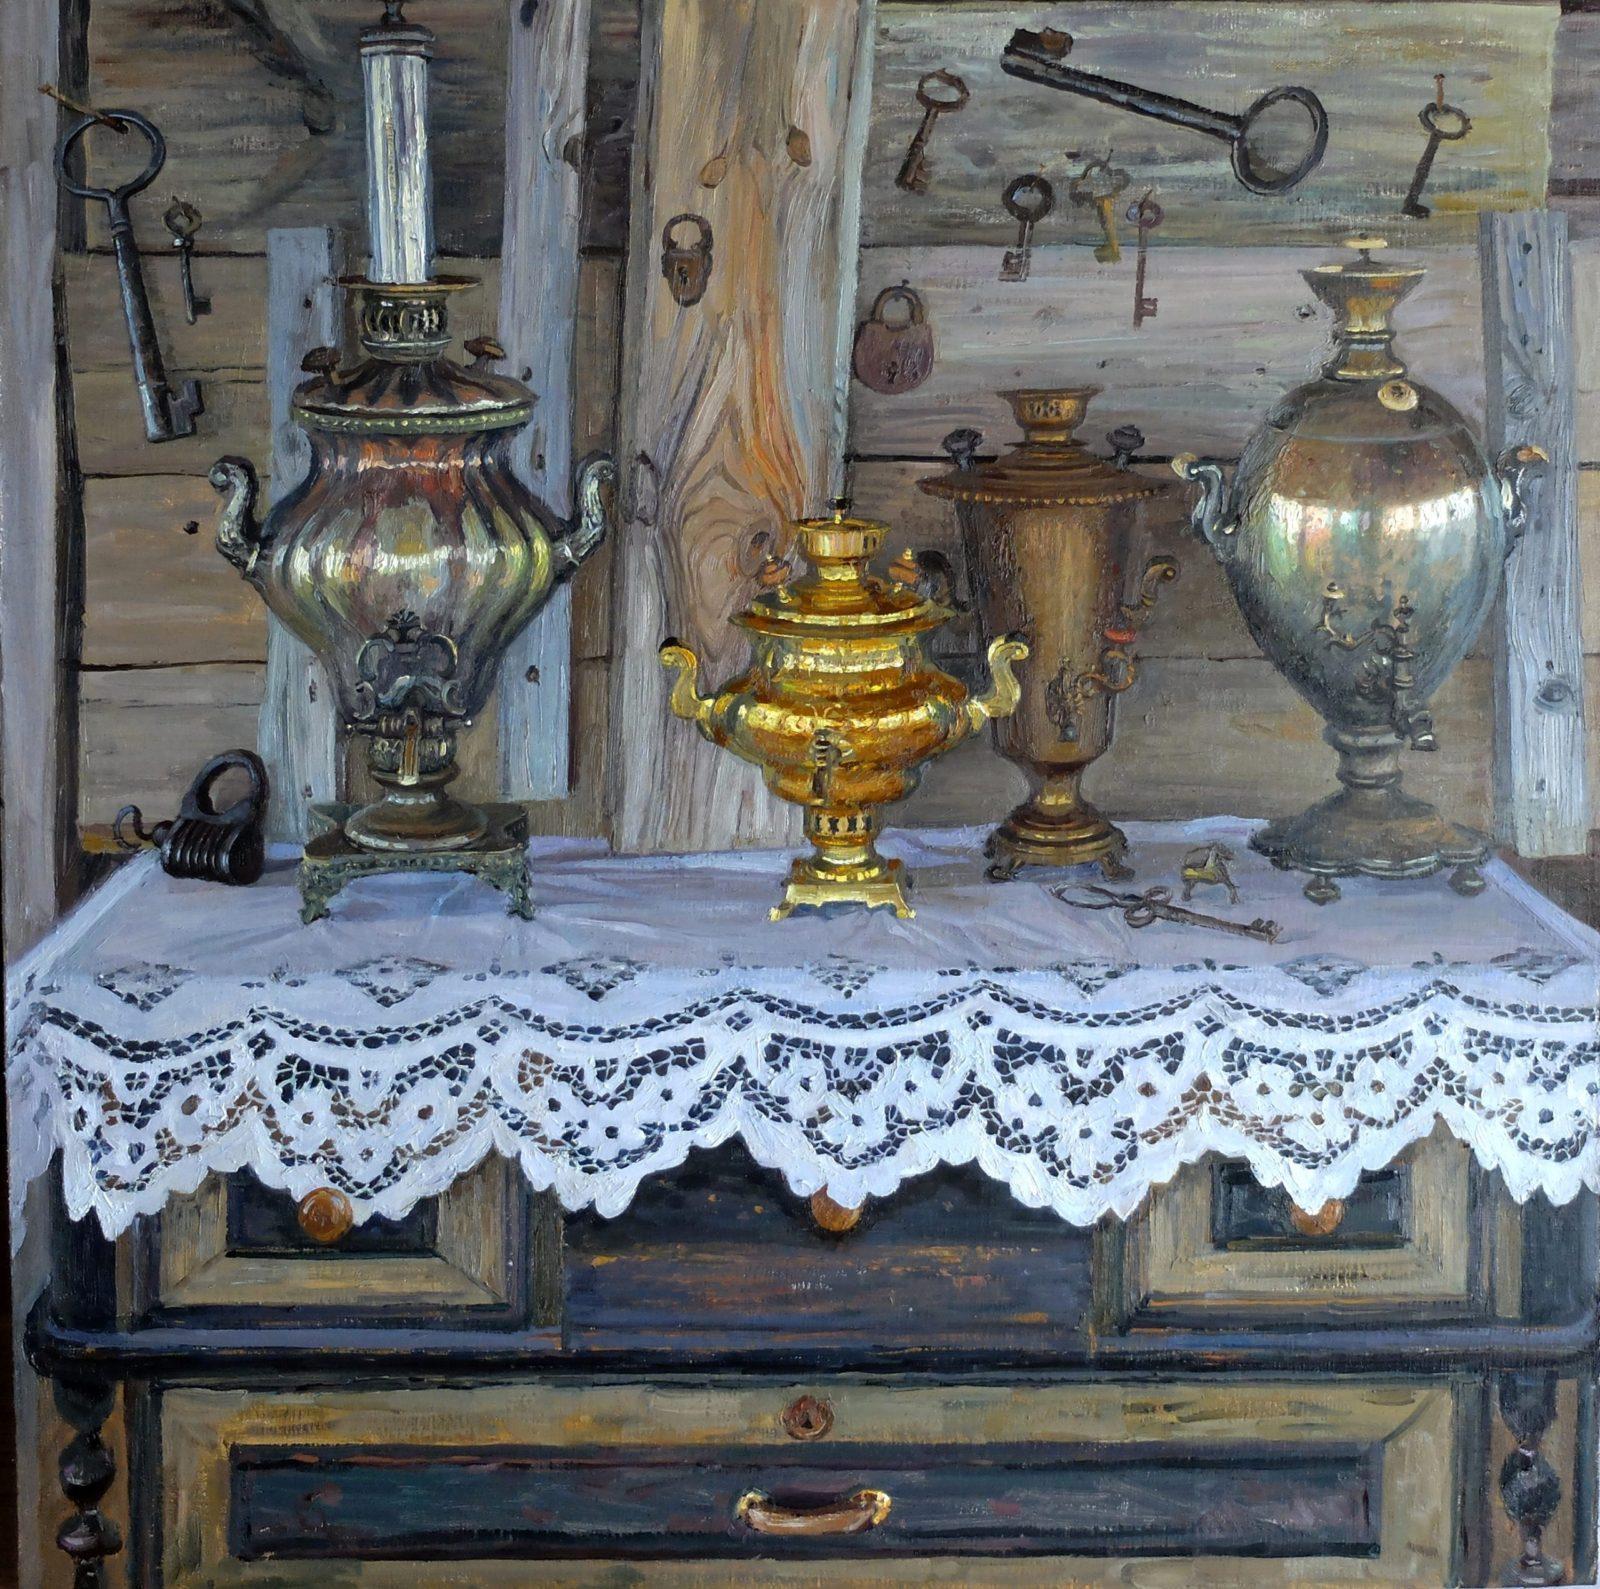 Наталья Куракса. Натюрморт с самоварами, 2019